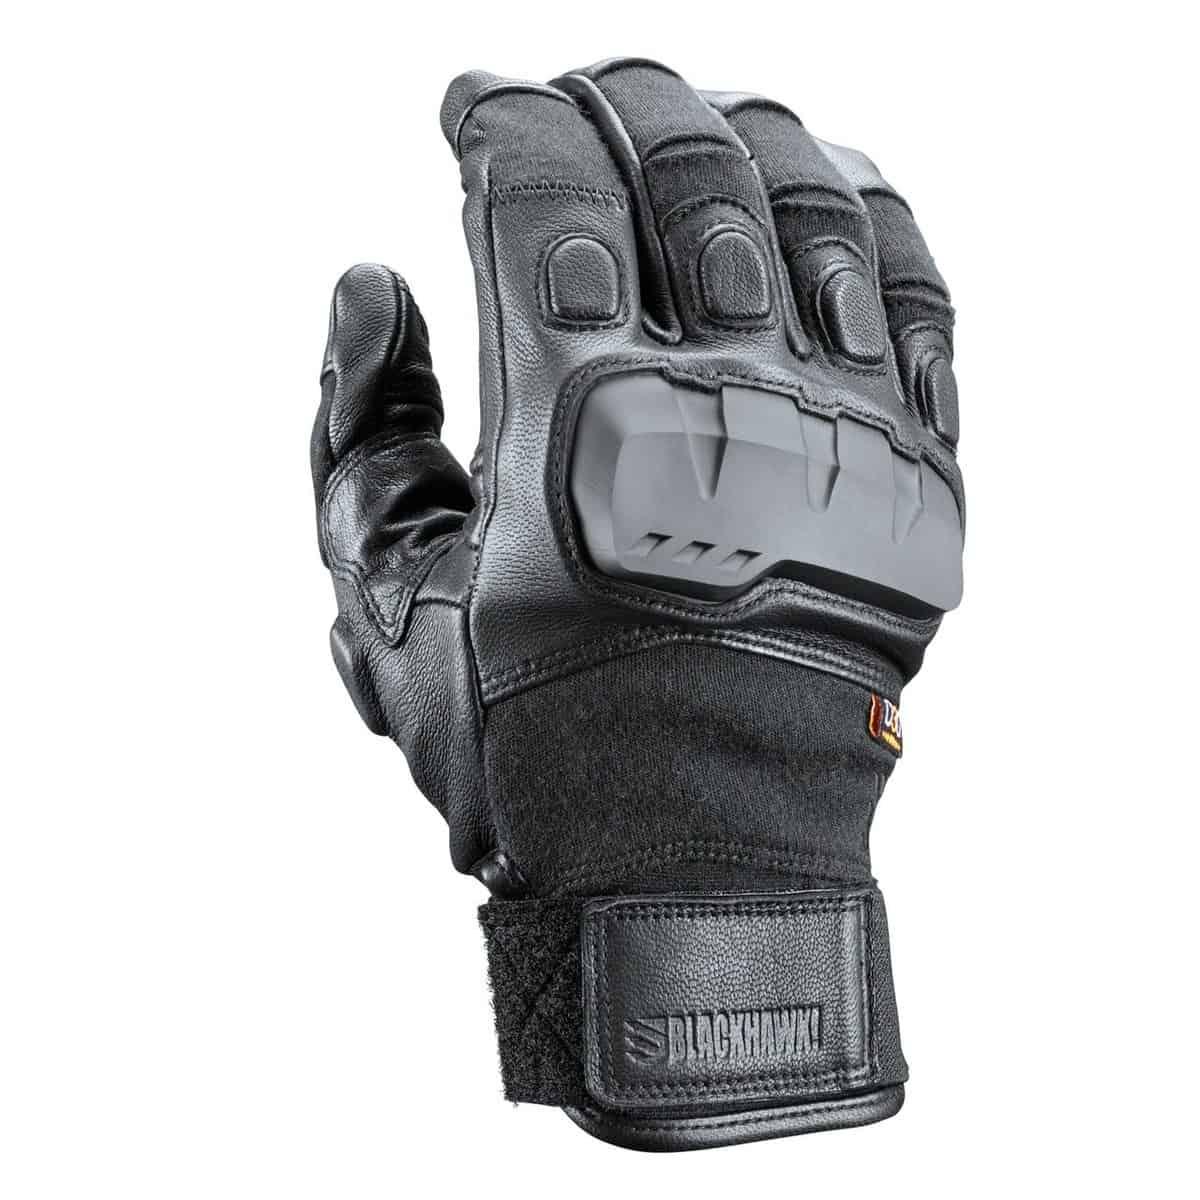 Blackhawk S.O.L.A.G. HD Tactical Gloves